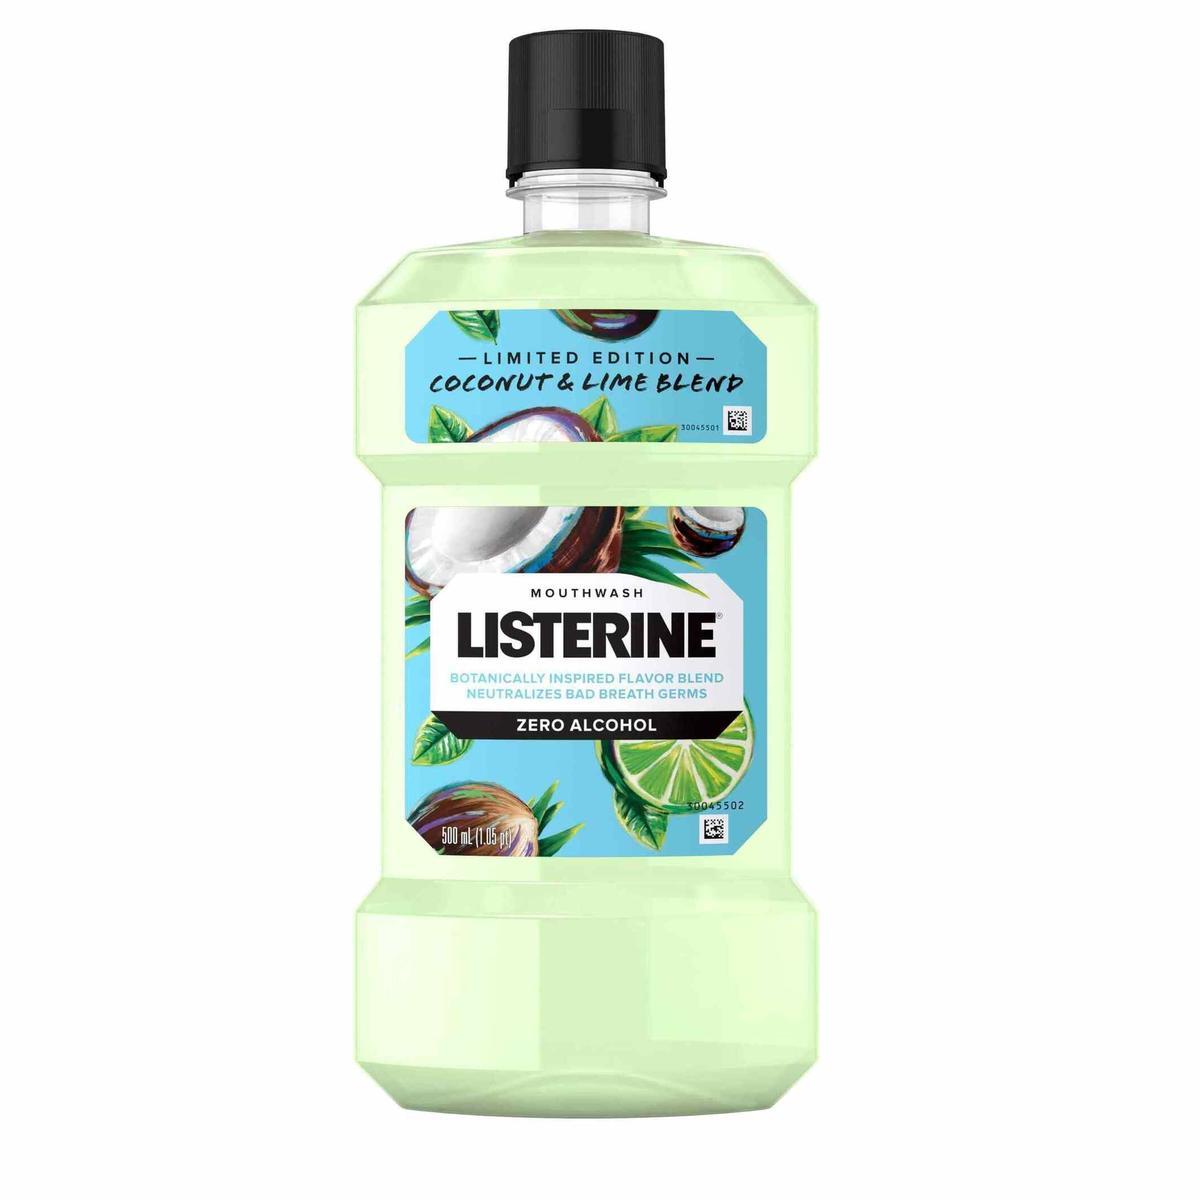 Listerine Zero Alcohol Mouthwash, Coconut & Lime Blend, 500mL Image